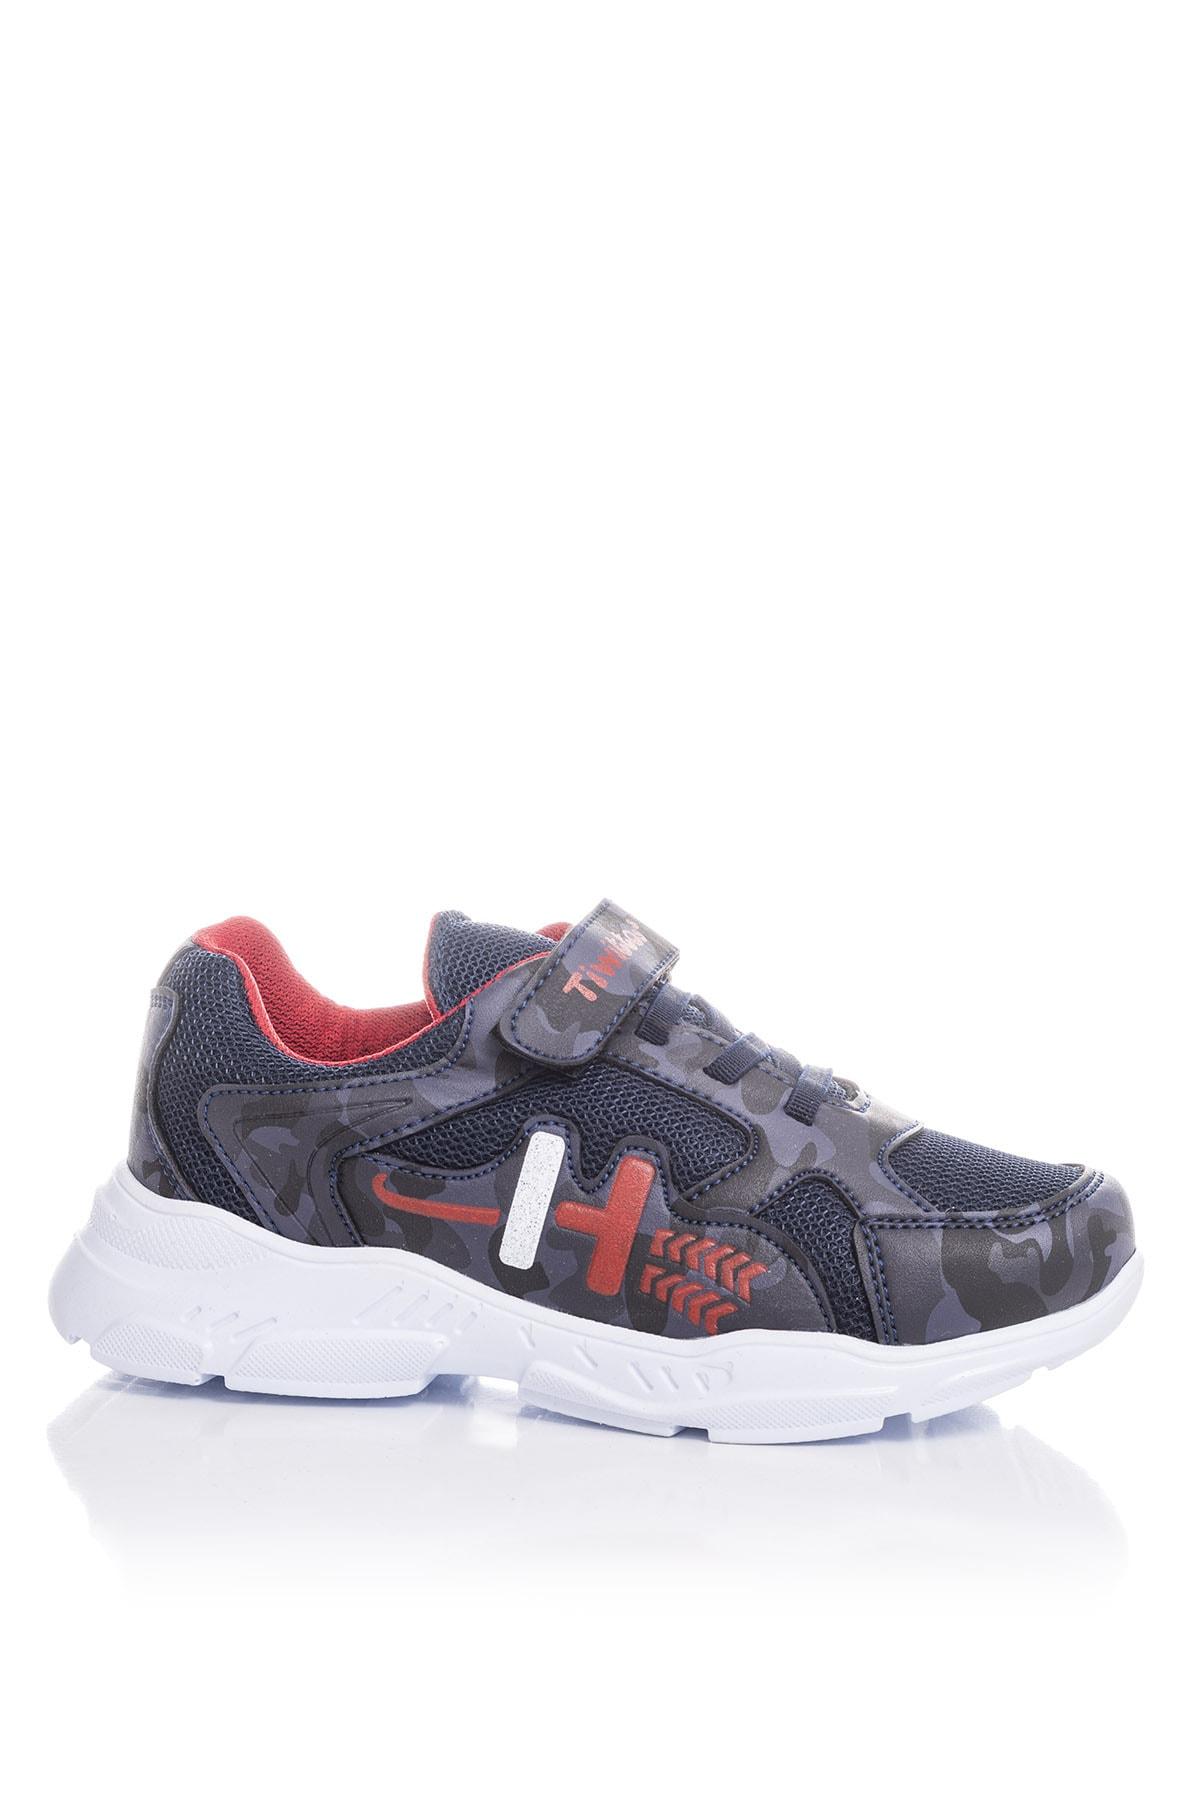 Tonny Black Erkek Çocuk Lacivert Kırmızı Sneaker TBZ13-3 2